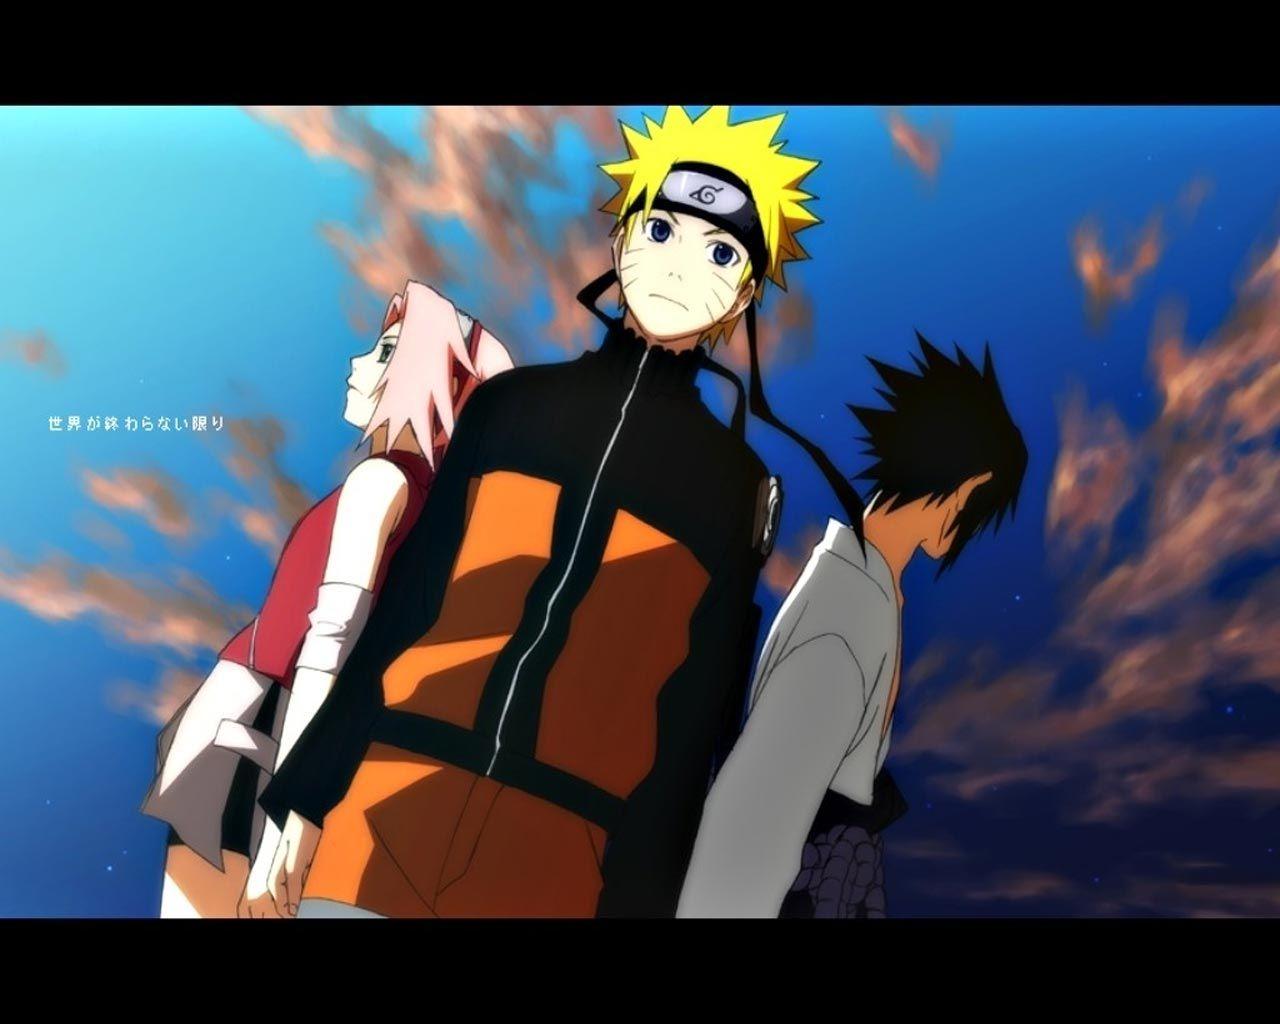 Kakashi sakura sasuke naruto wallpaper forwallpaper com html code - Sakura Naruto And Sasuke Naruto Shippuden